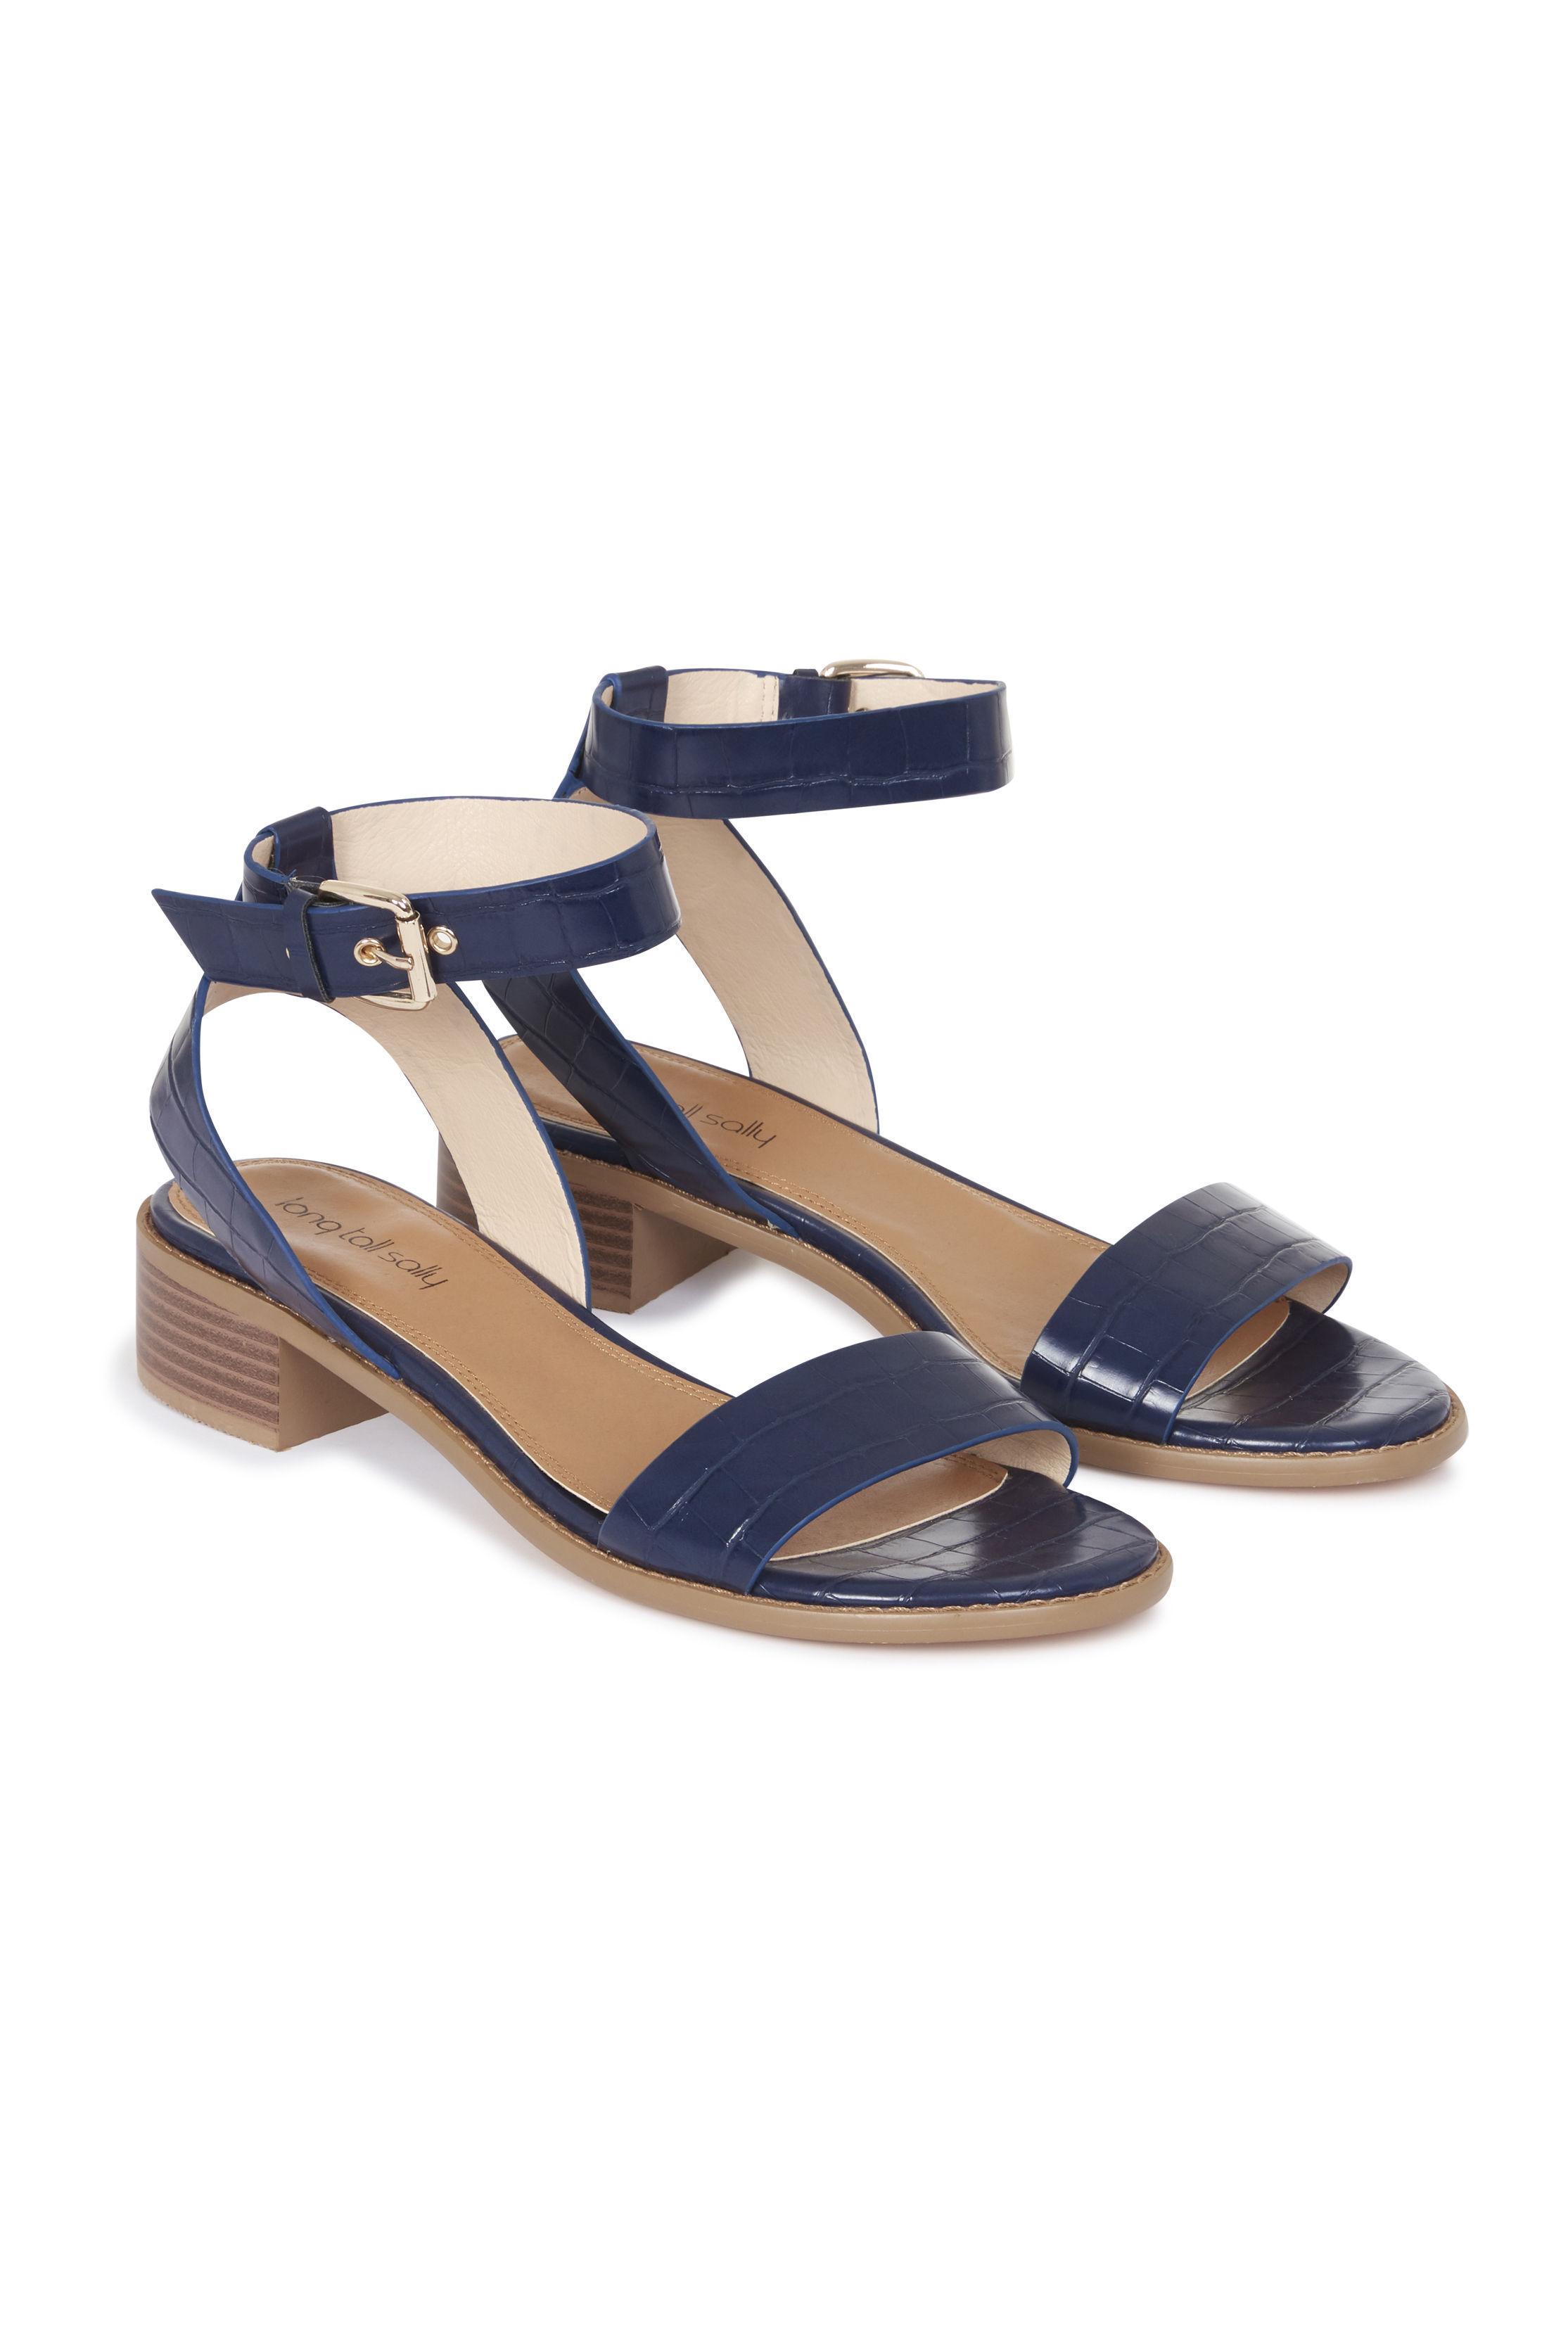 Navy Shruti Two Part Block Heel Sandals